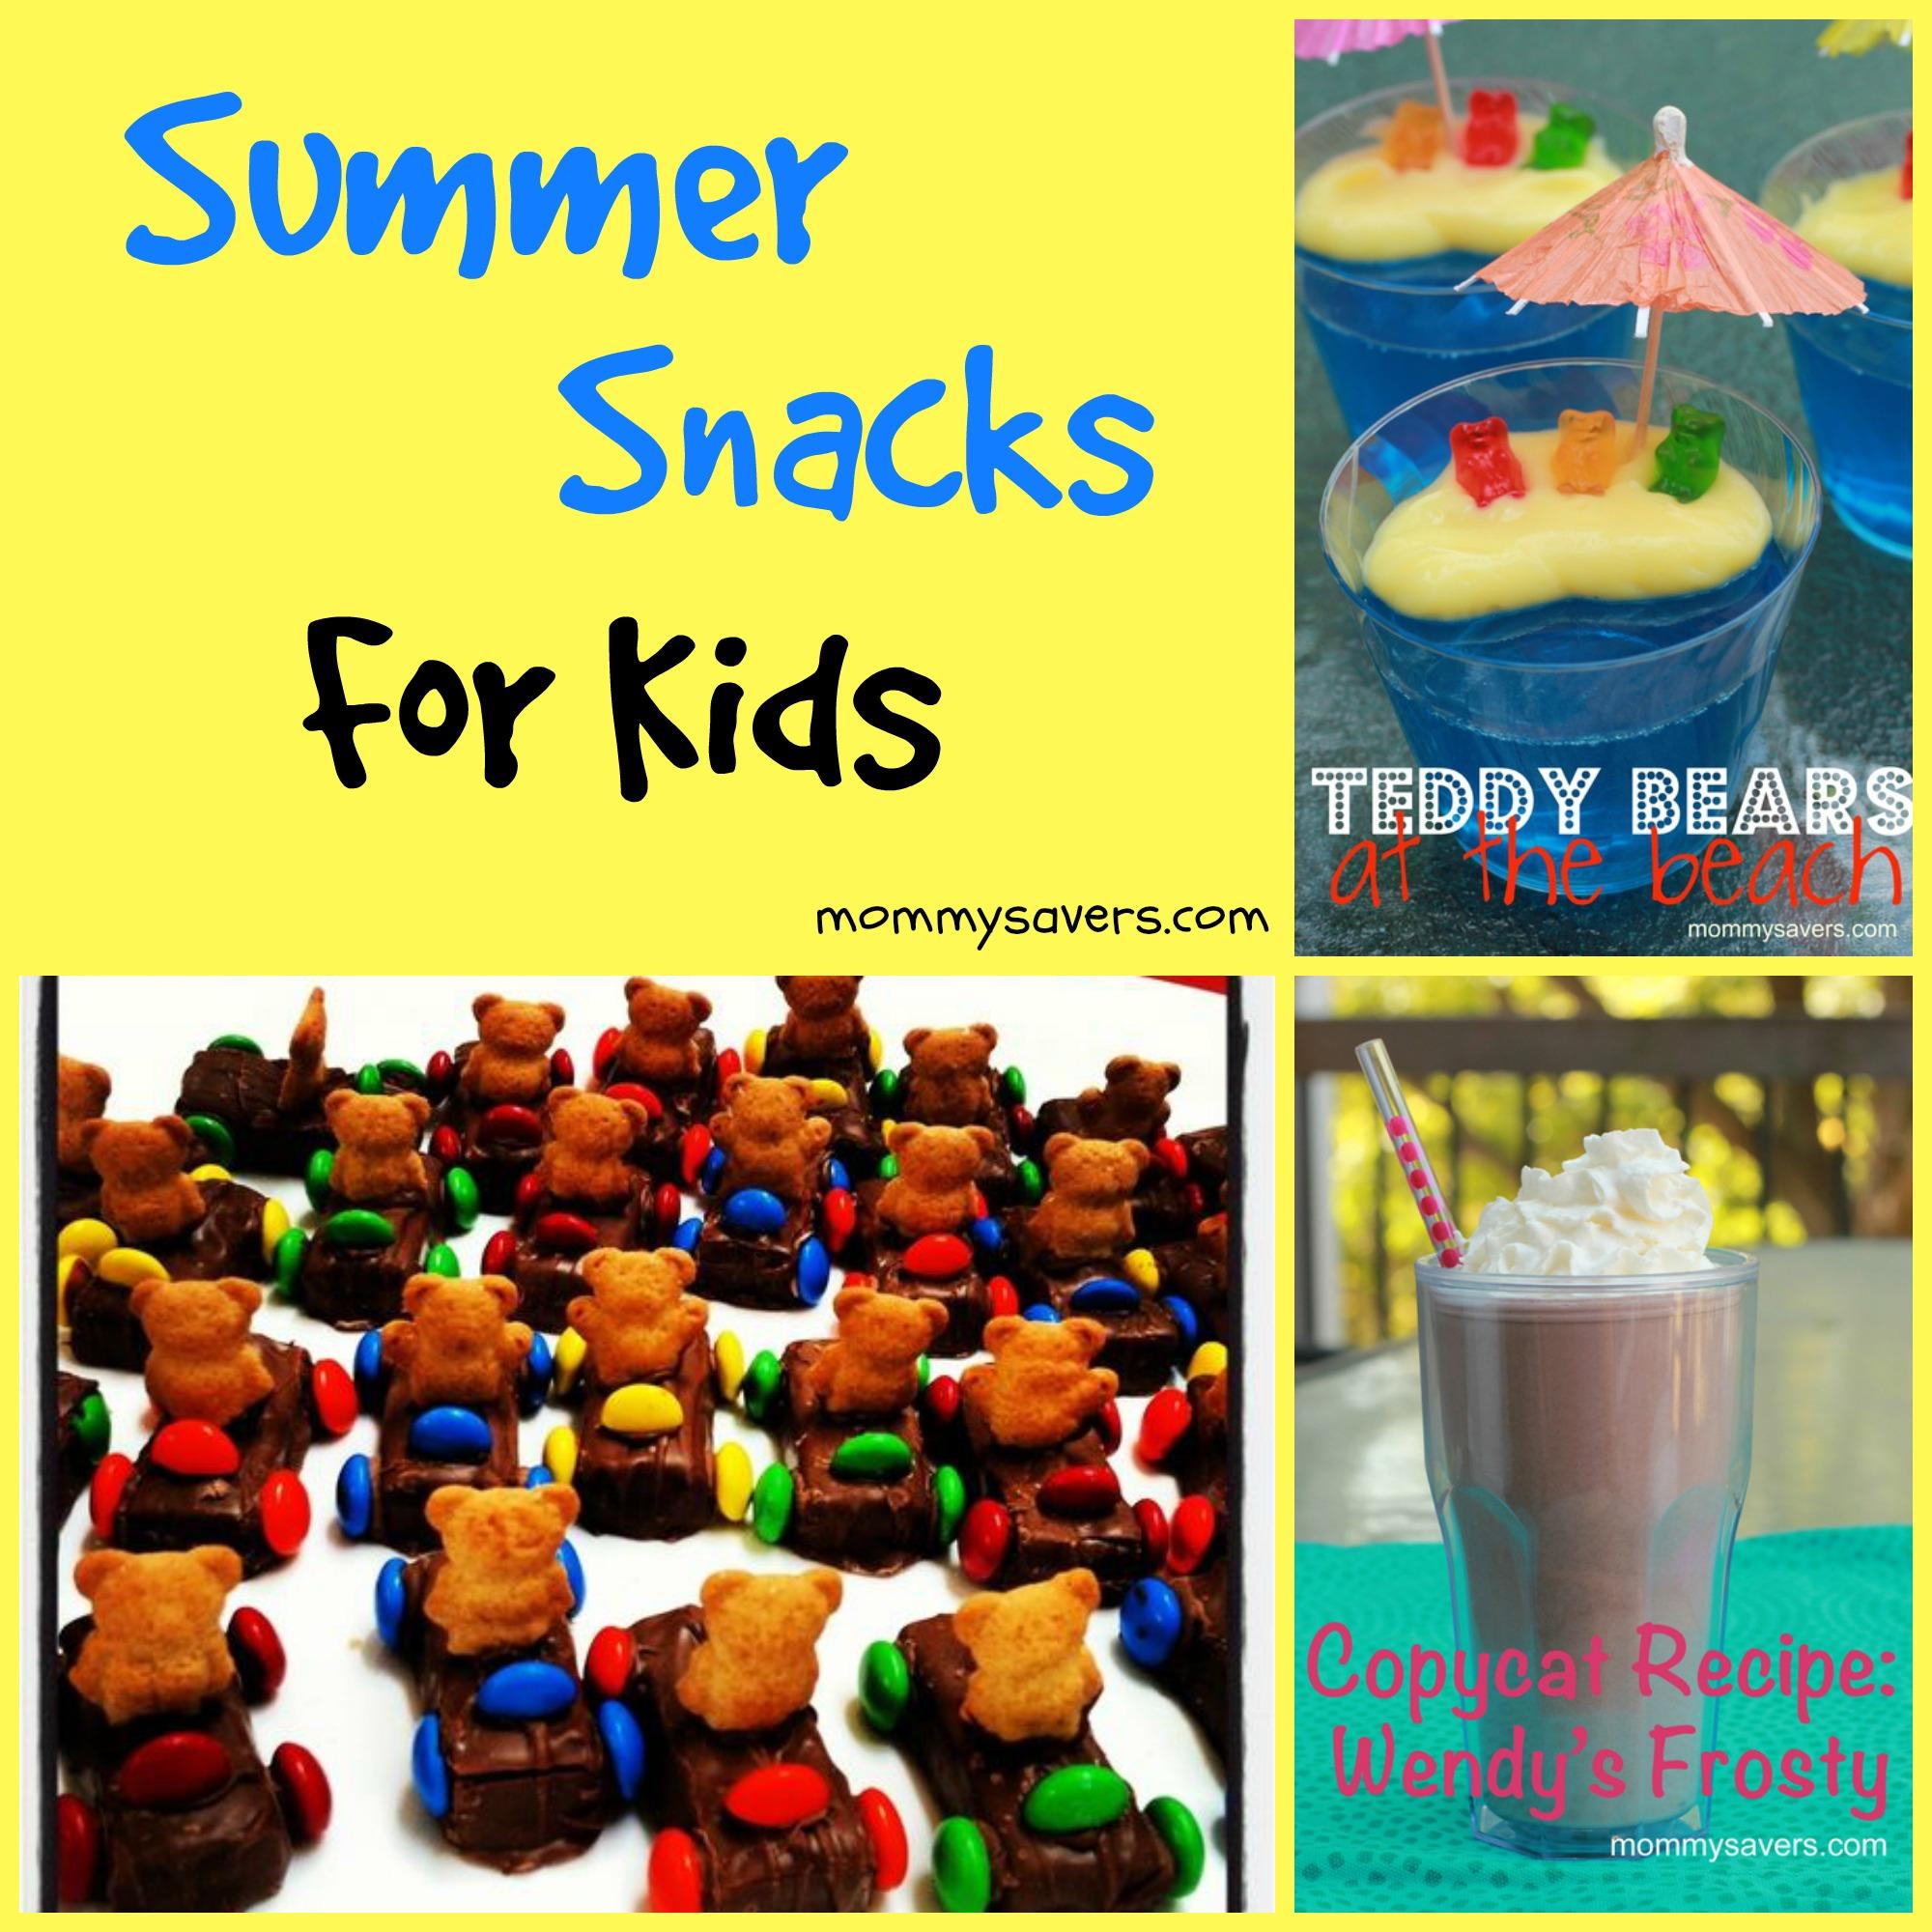 Summer Snacks For Kids Mommysavers